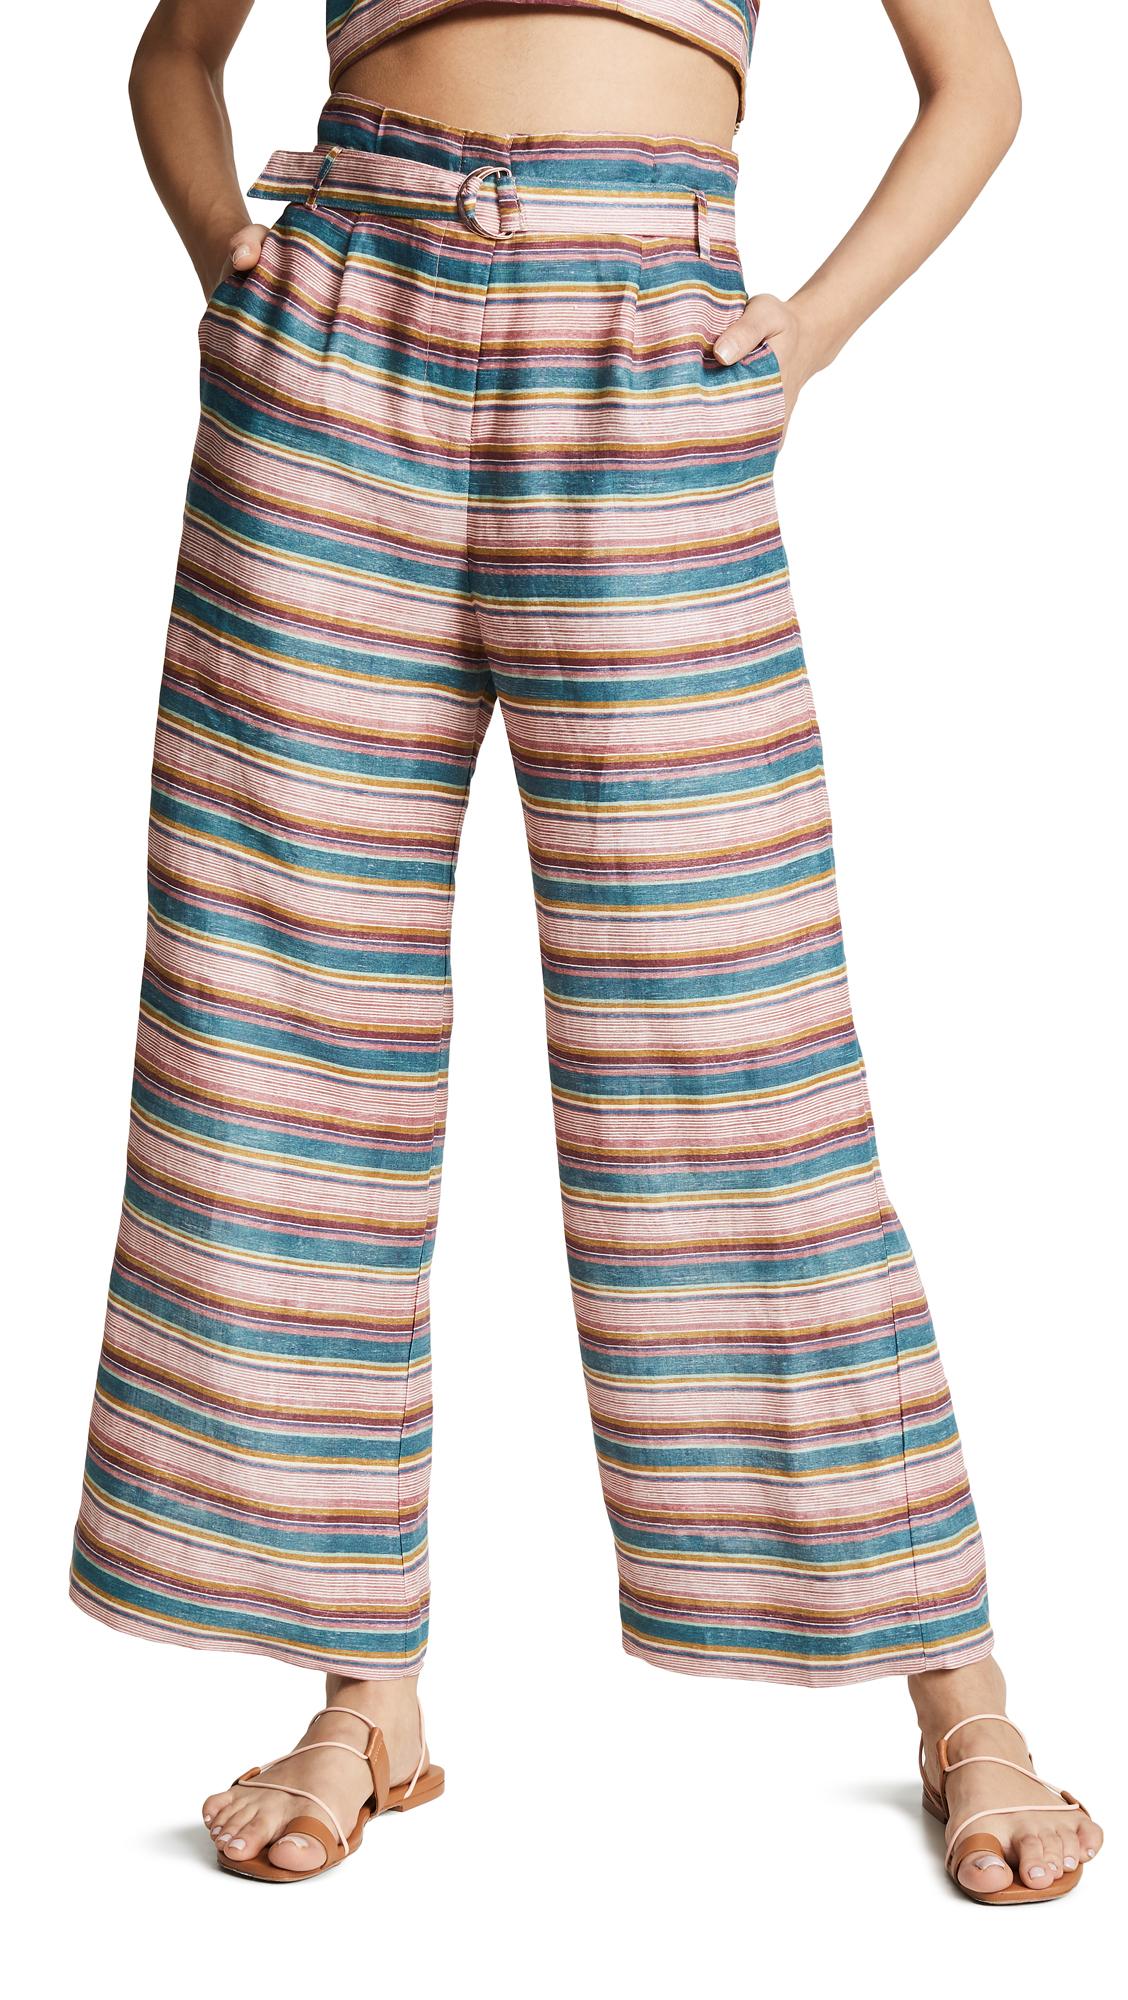 6 SHORE ROAD Stripe Pants in Multi Stripe